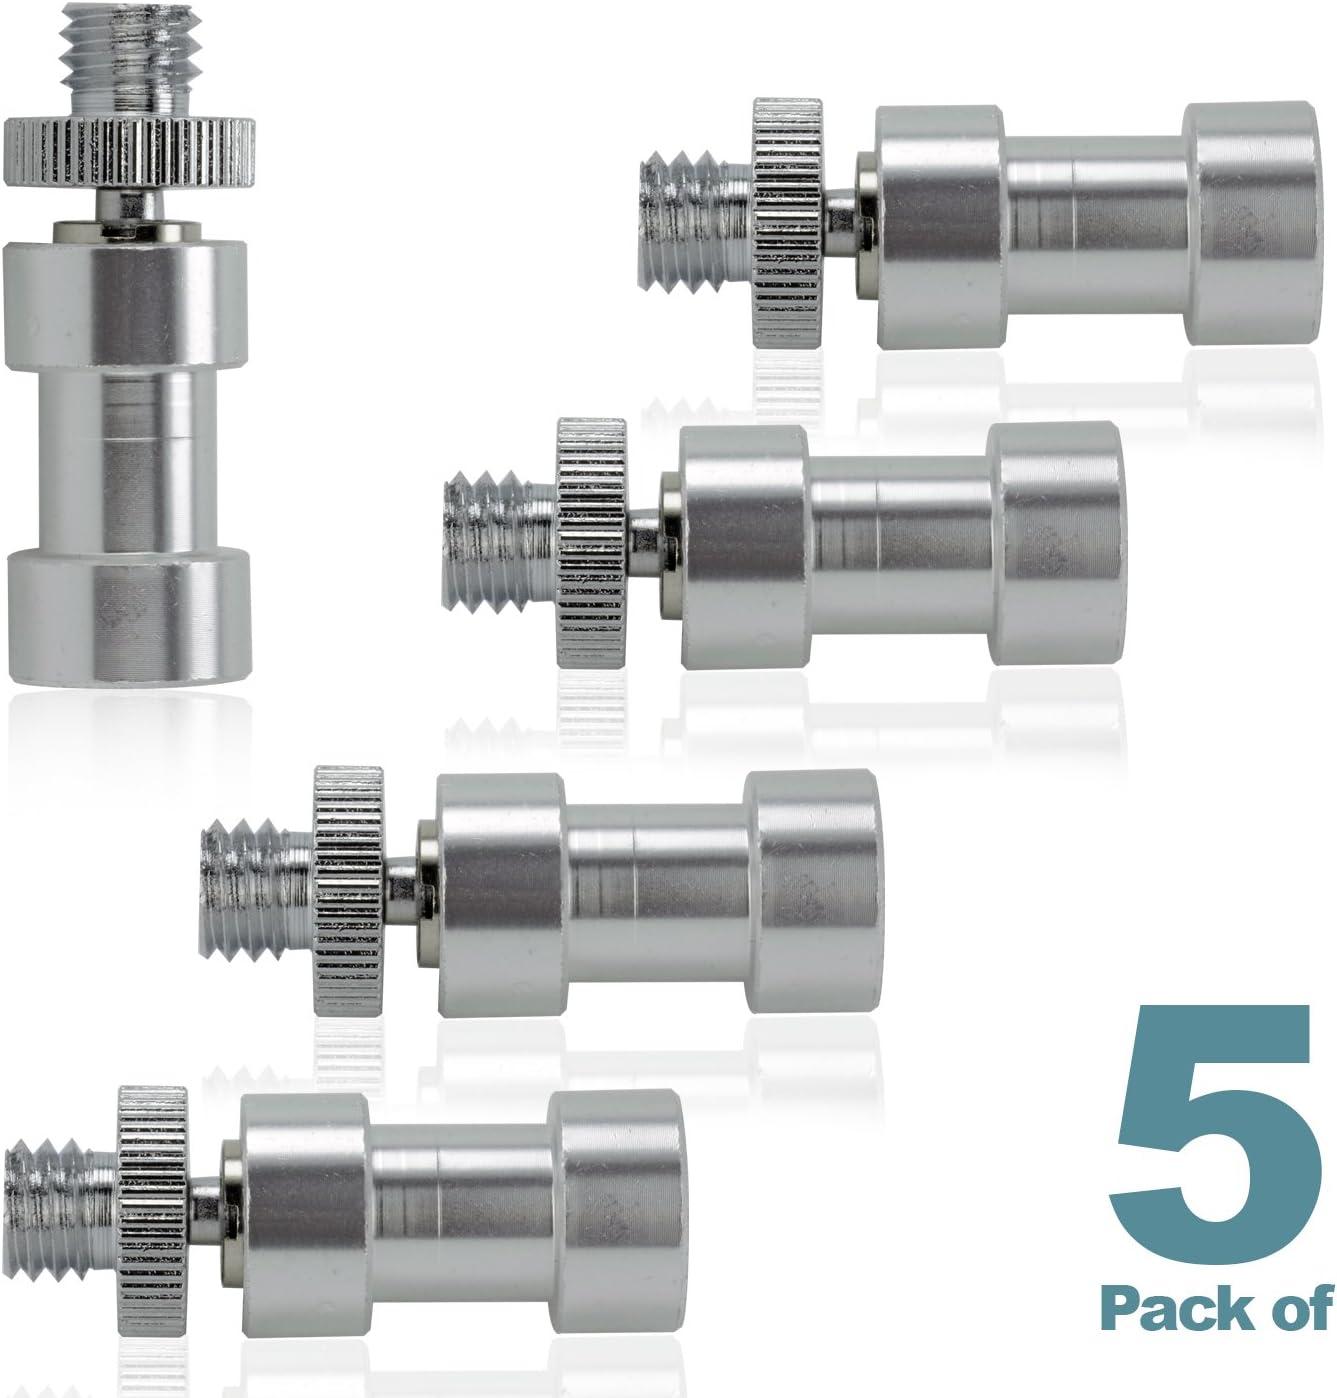 Super-cheap Julius Studio 5-Pack 1 4-inch and Ada 3 Threaded Screw 8-inch favorite